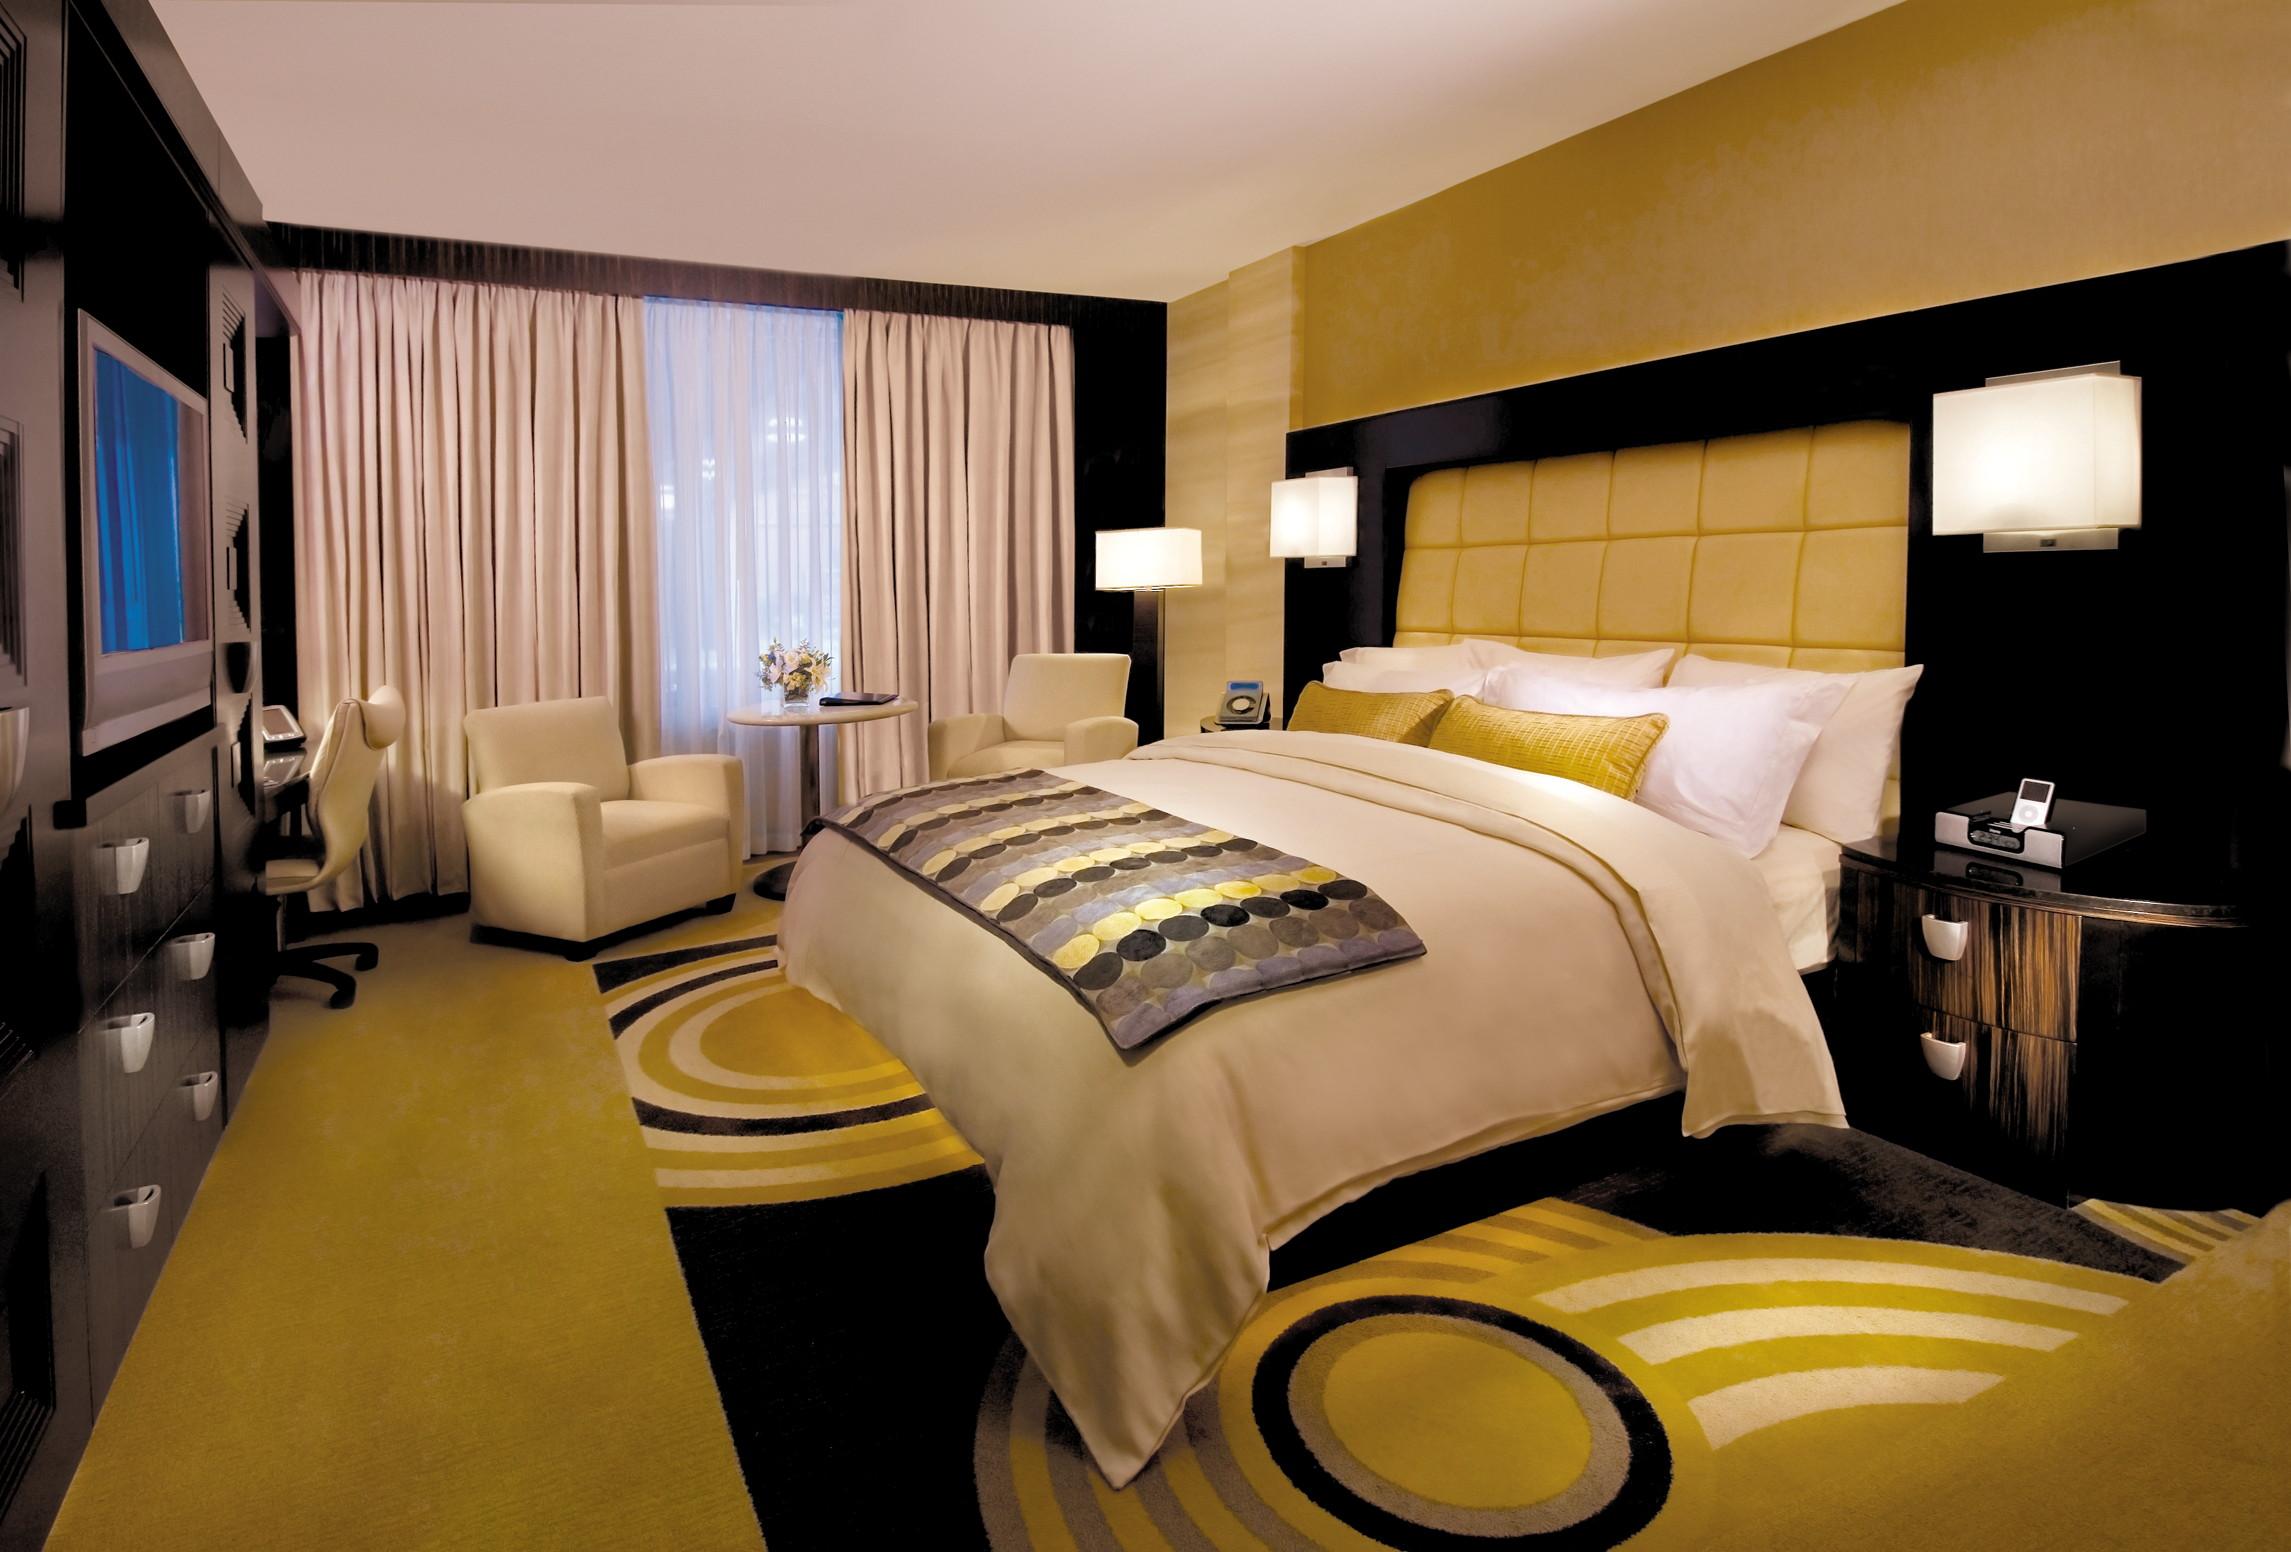 تقرير دولي: نمو إشغال الفنادق في السلطنة بنسبة 15.4%